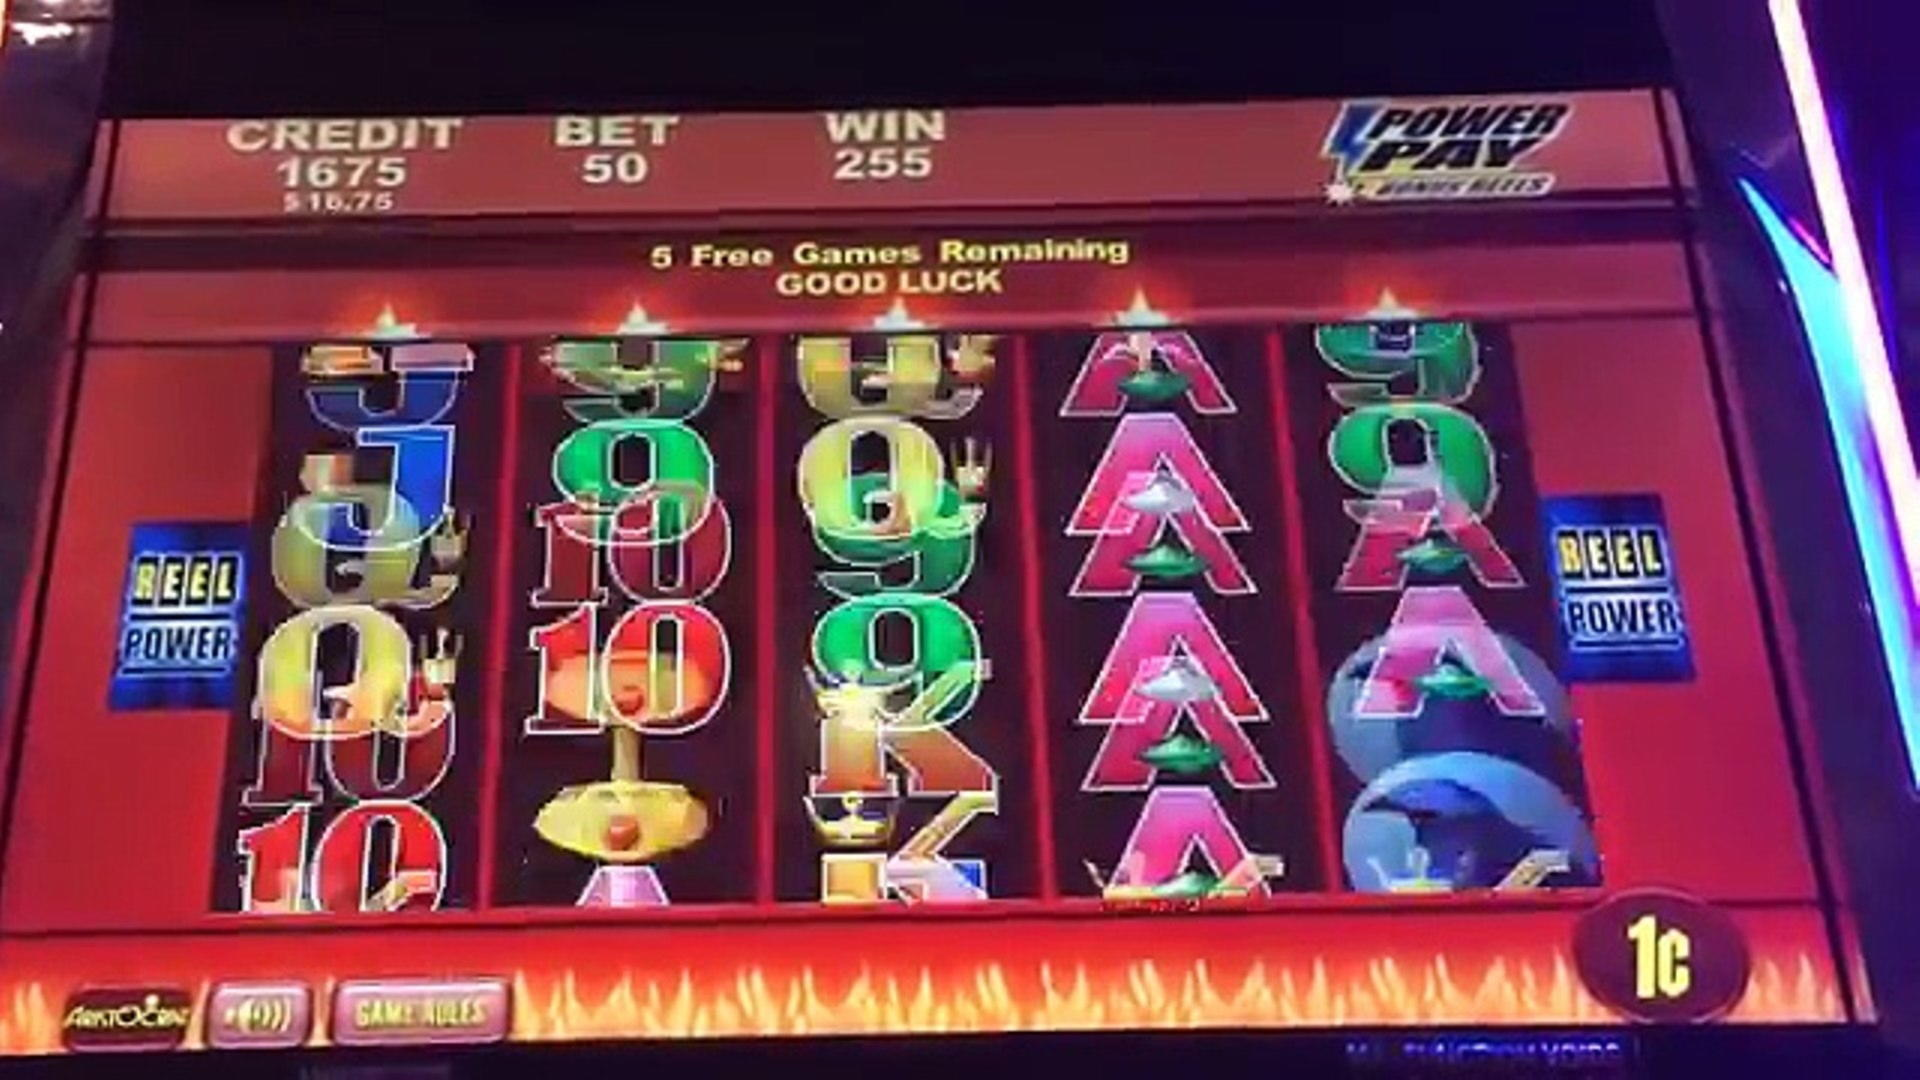 Bezplatné točenia 220 neobsahuje žiadne kasíno v Kasíne X